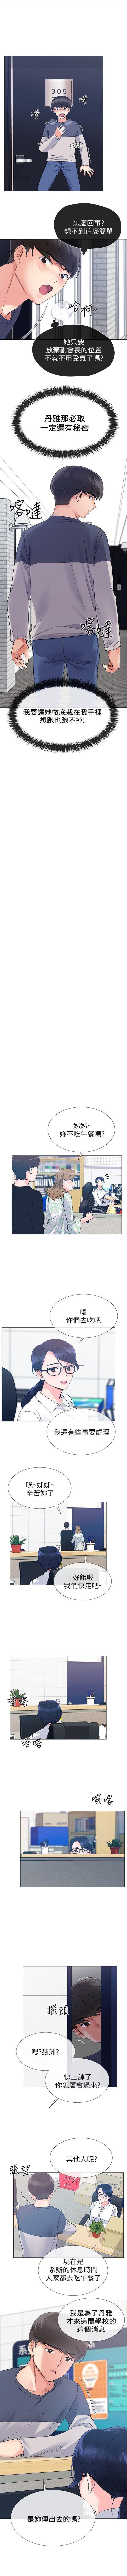 (週5)重考生 1-52 中文翻譯(更新中) 93